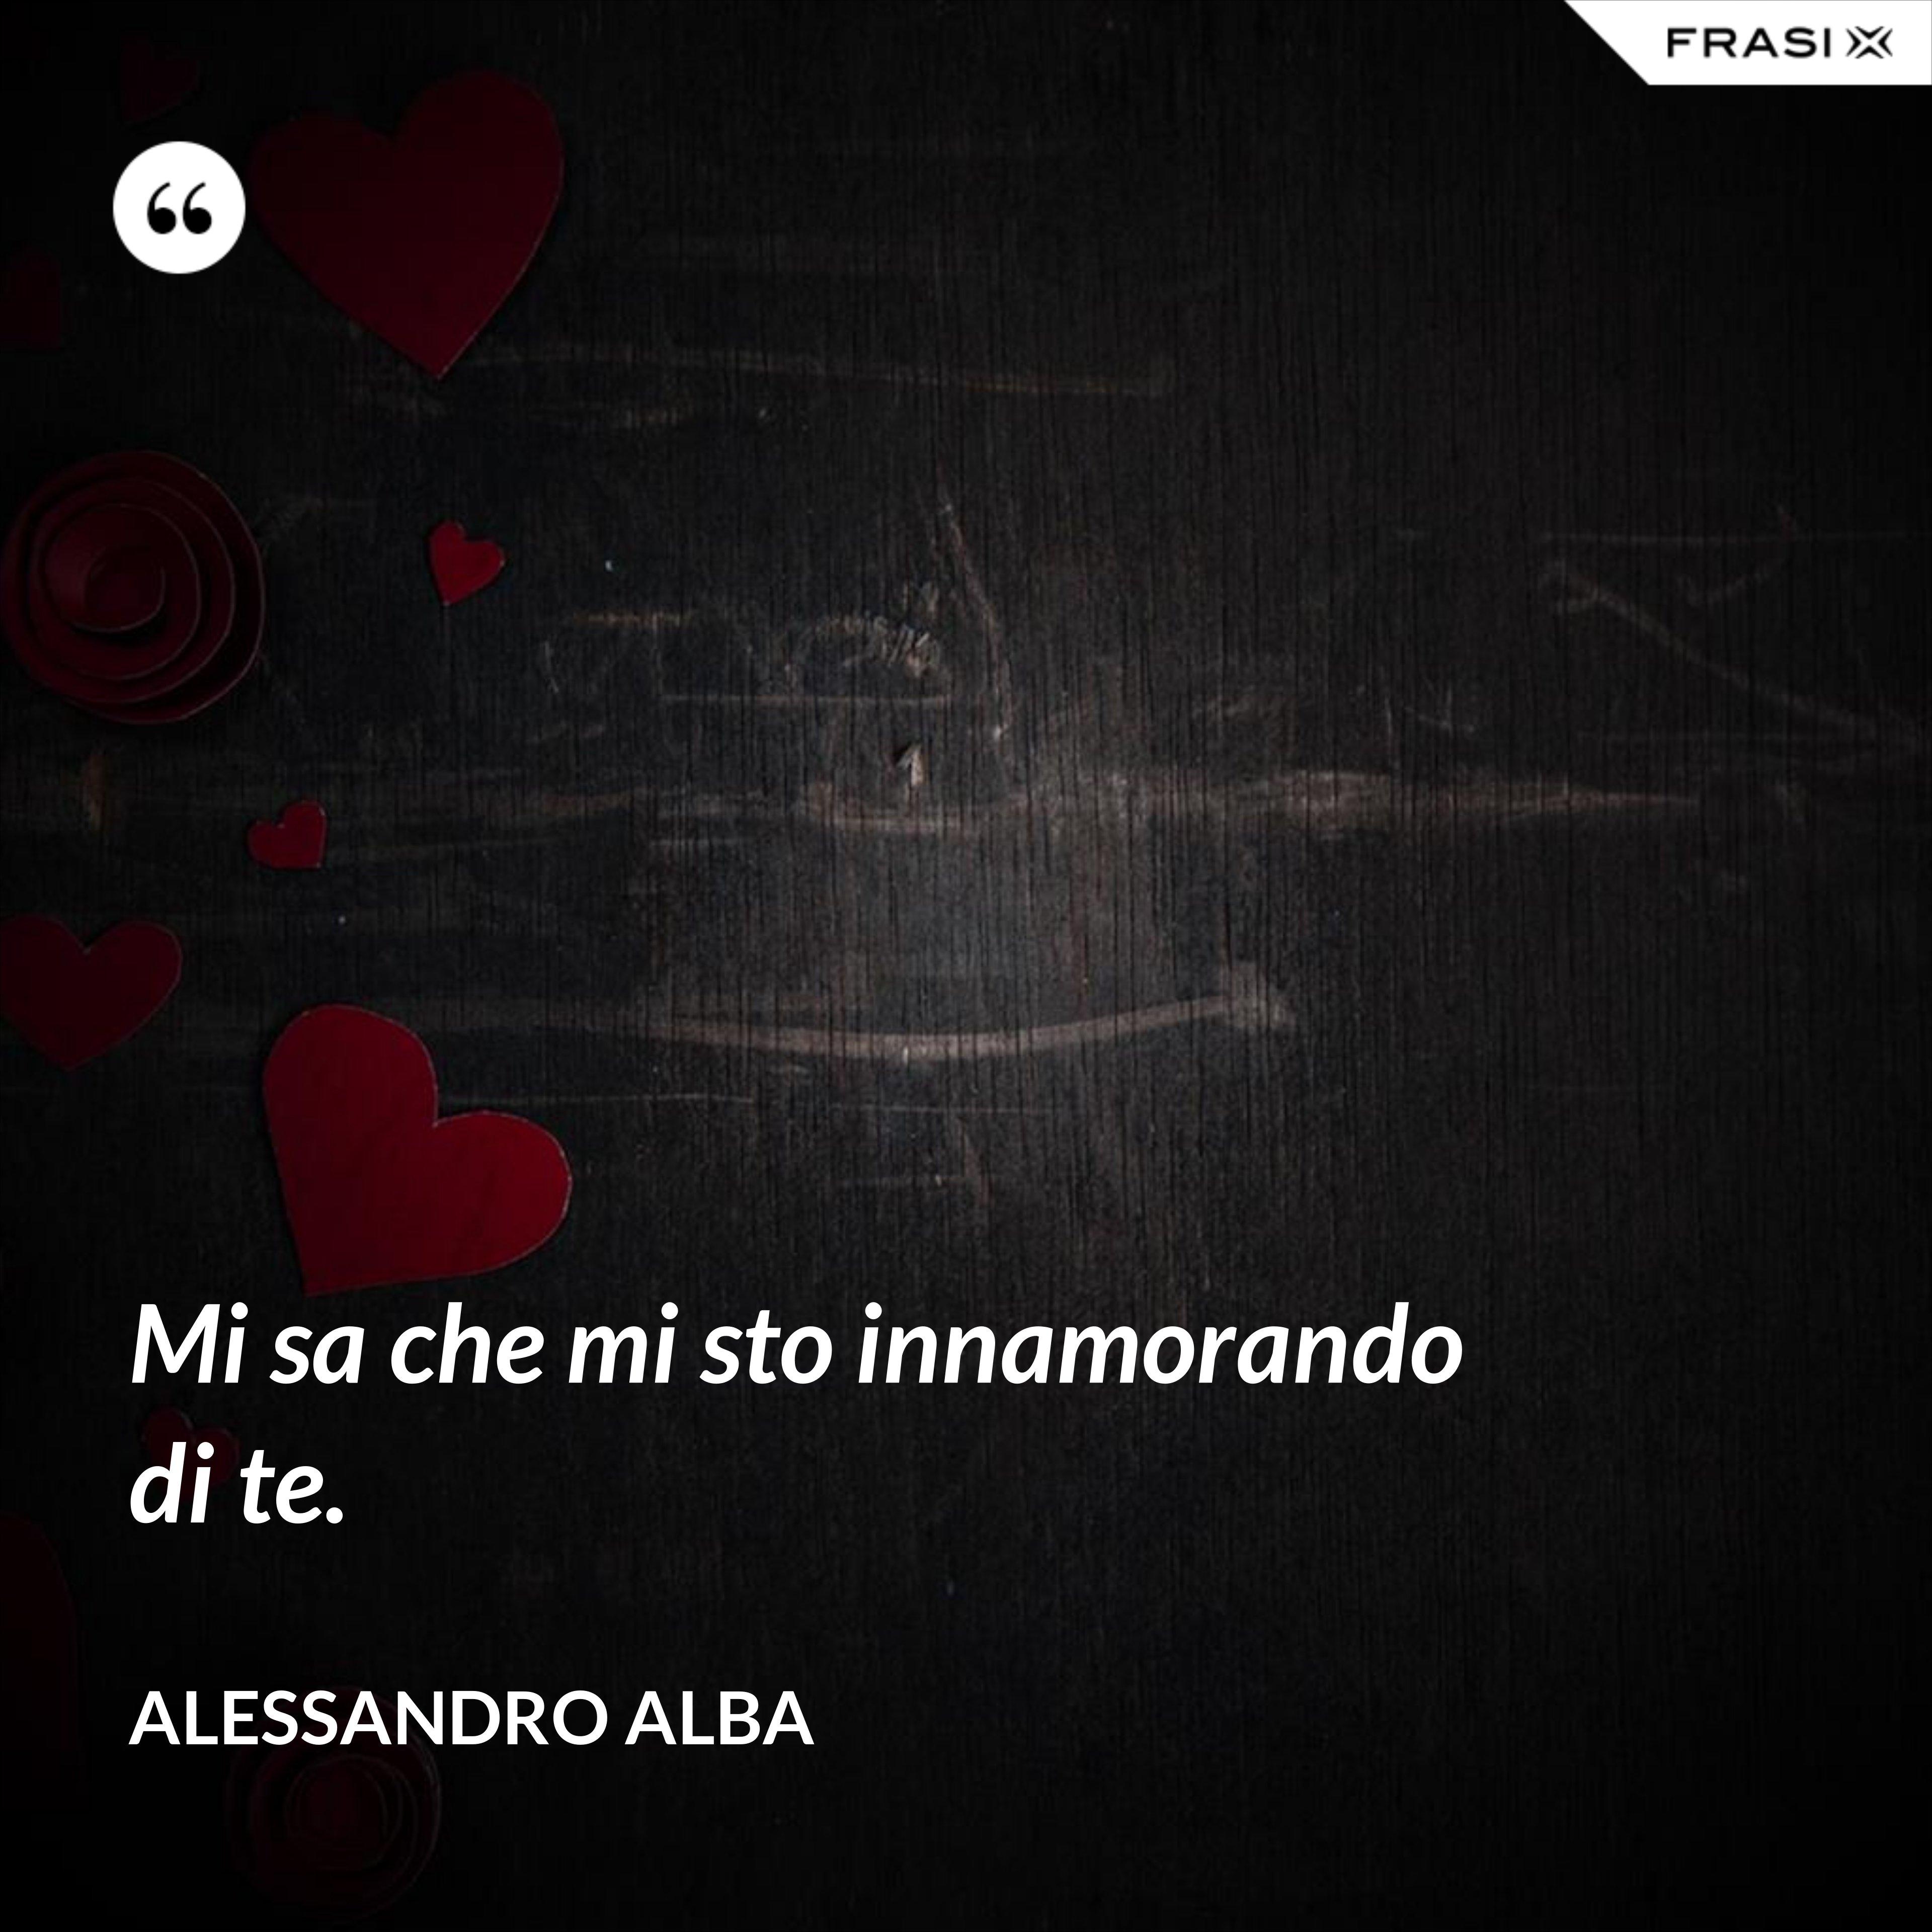 Mi sa che mi sto innamorando di te. - Alessandro Alba